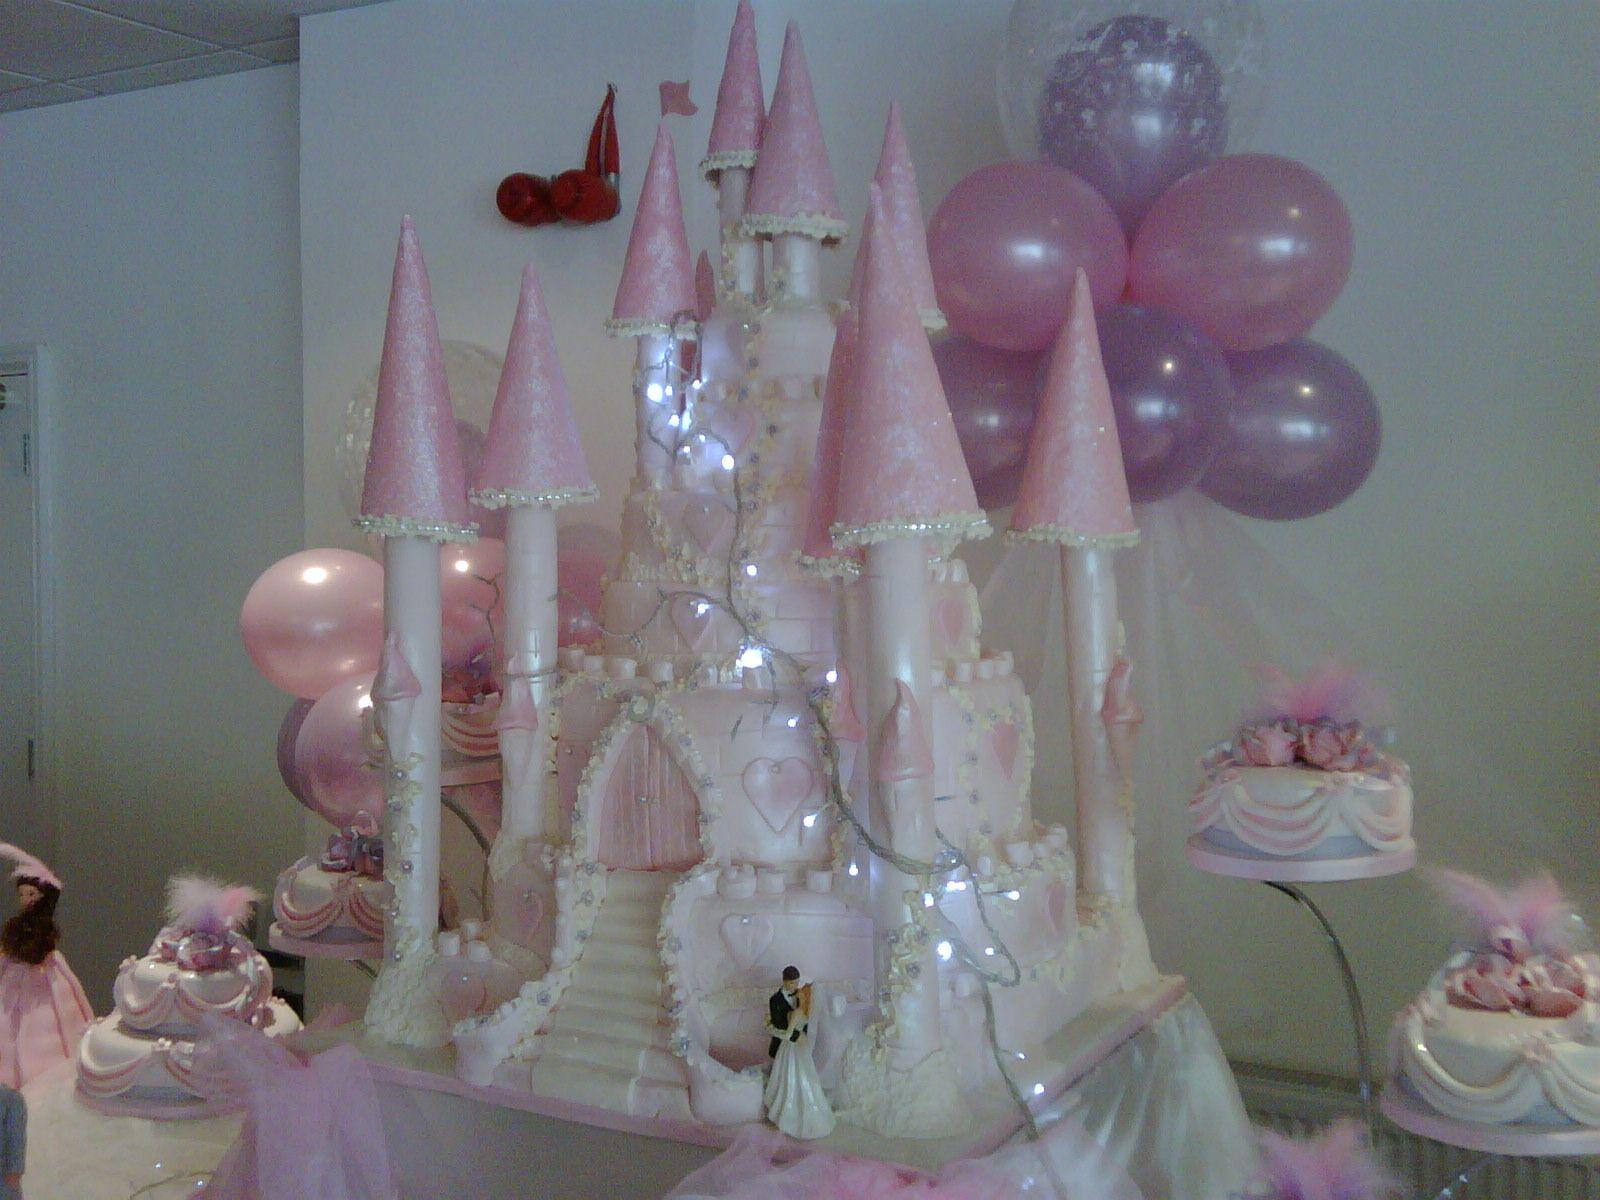 My big fat gypsy wedding dress with lights  My Big Fat Gypsy Wedding  Barbie party  Pinterest  Big fat gypsy